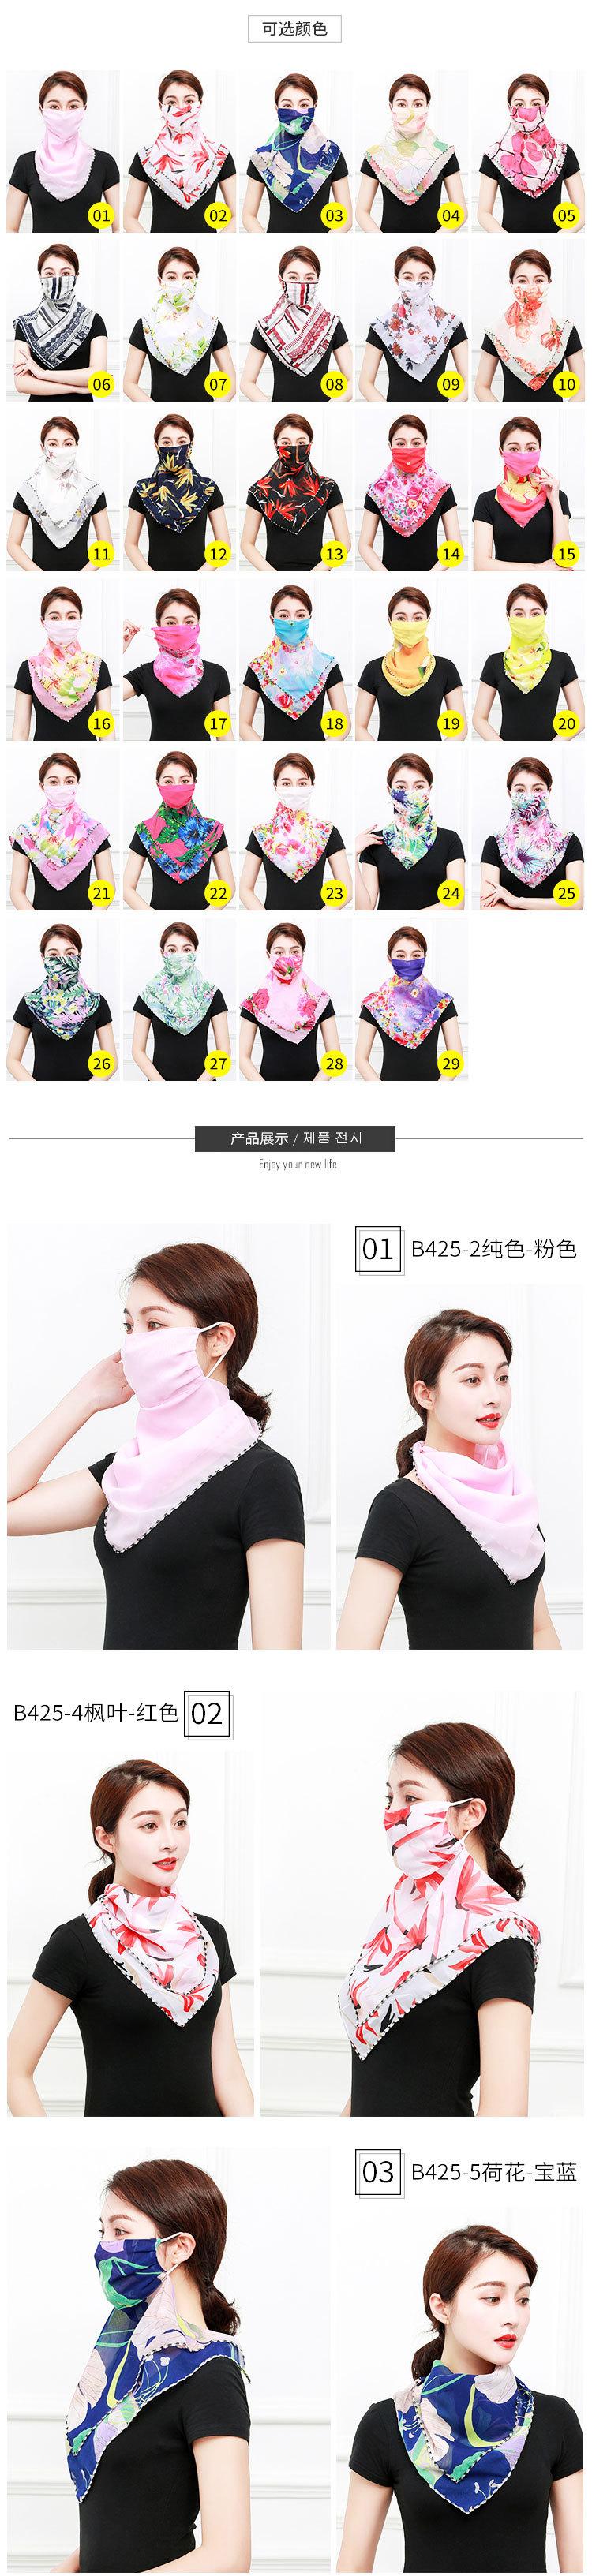 口罩丝巾_02